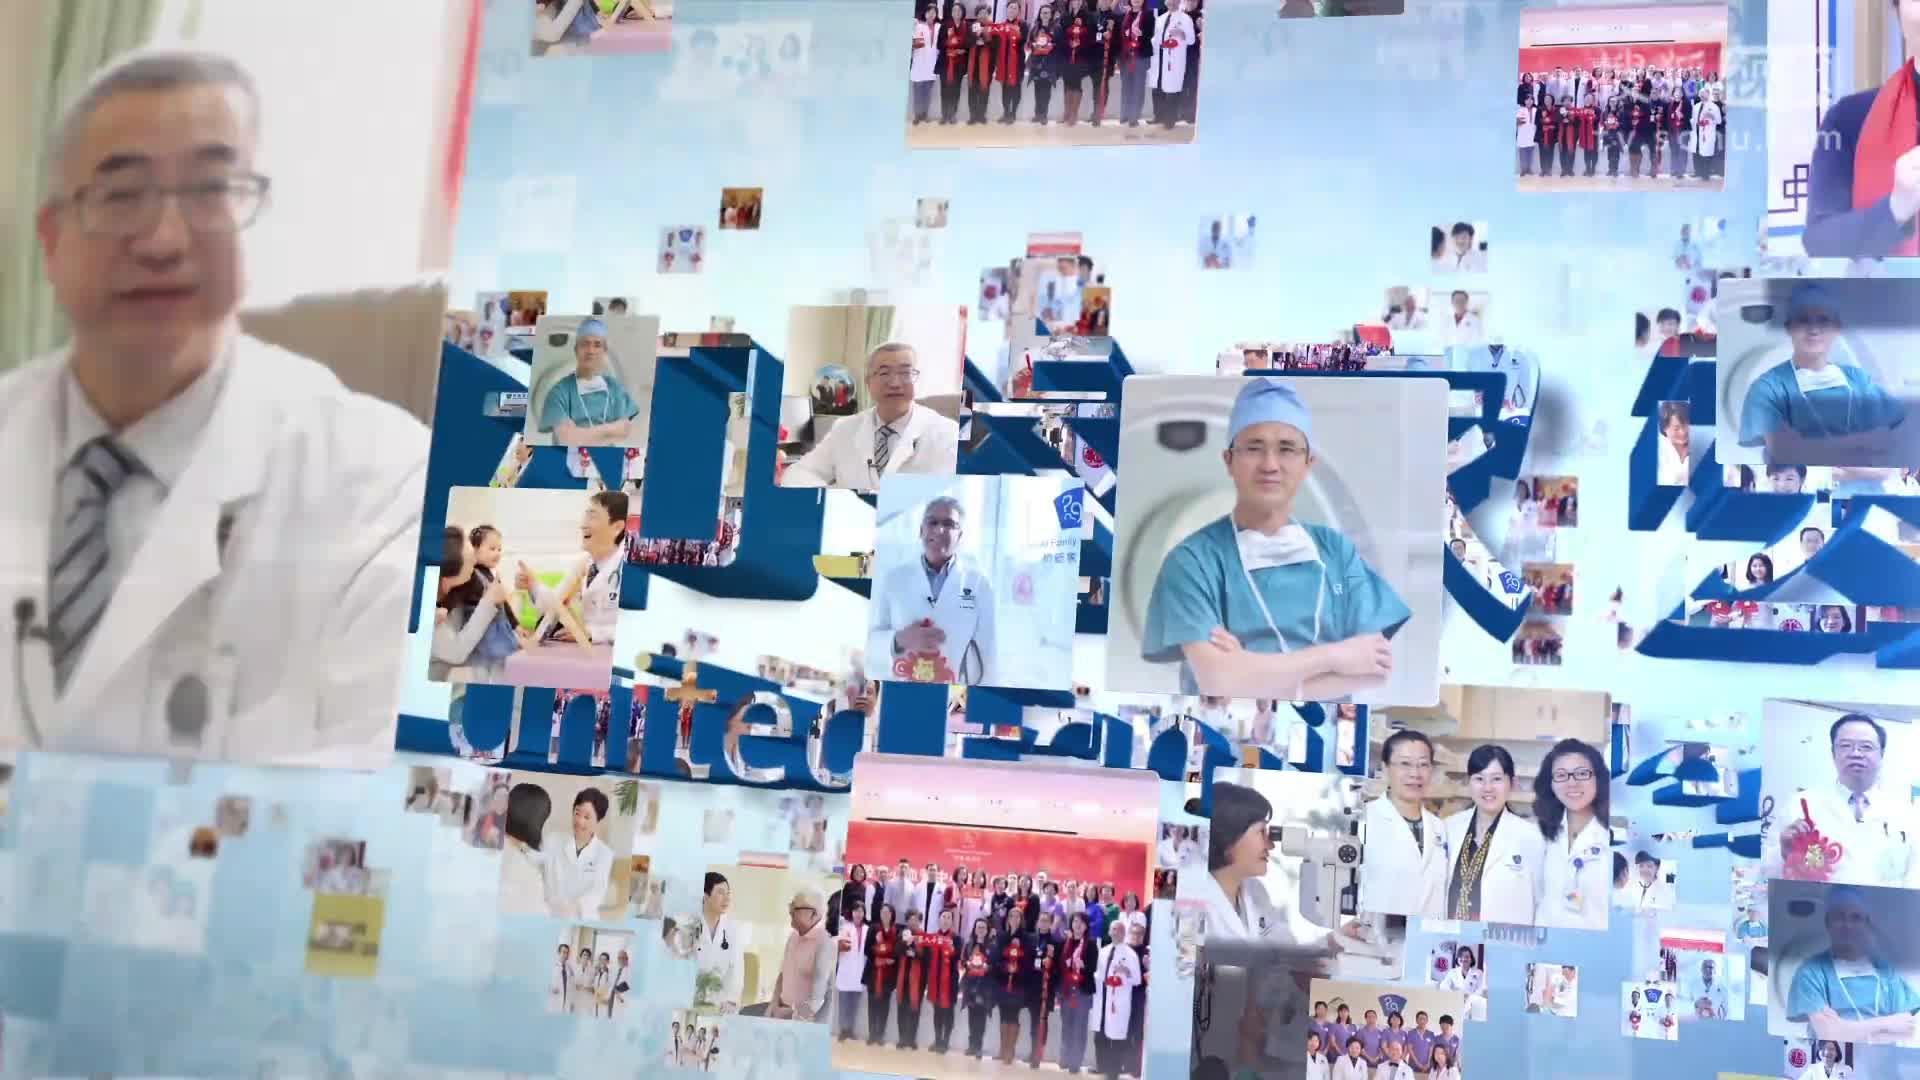 中国医院微电影节 新春特献 17种语言演绎中国式大拜年